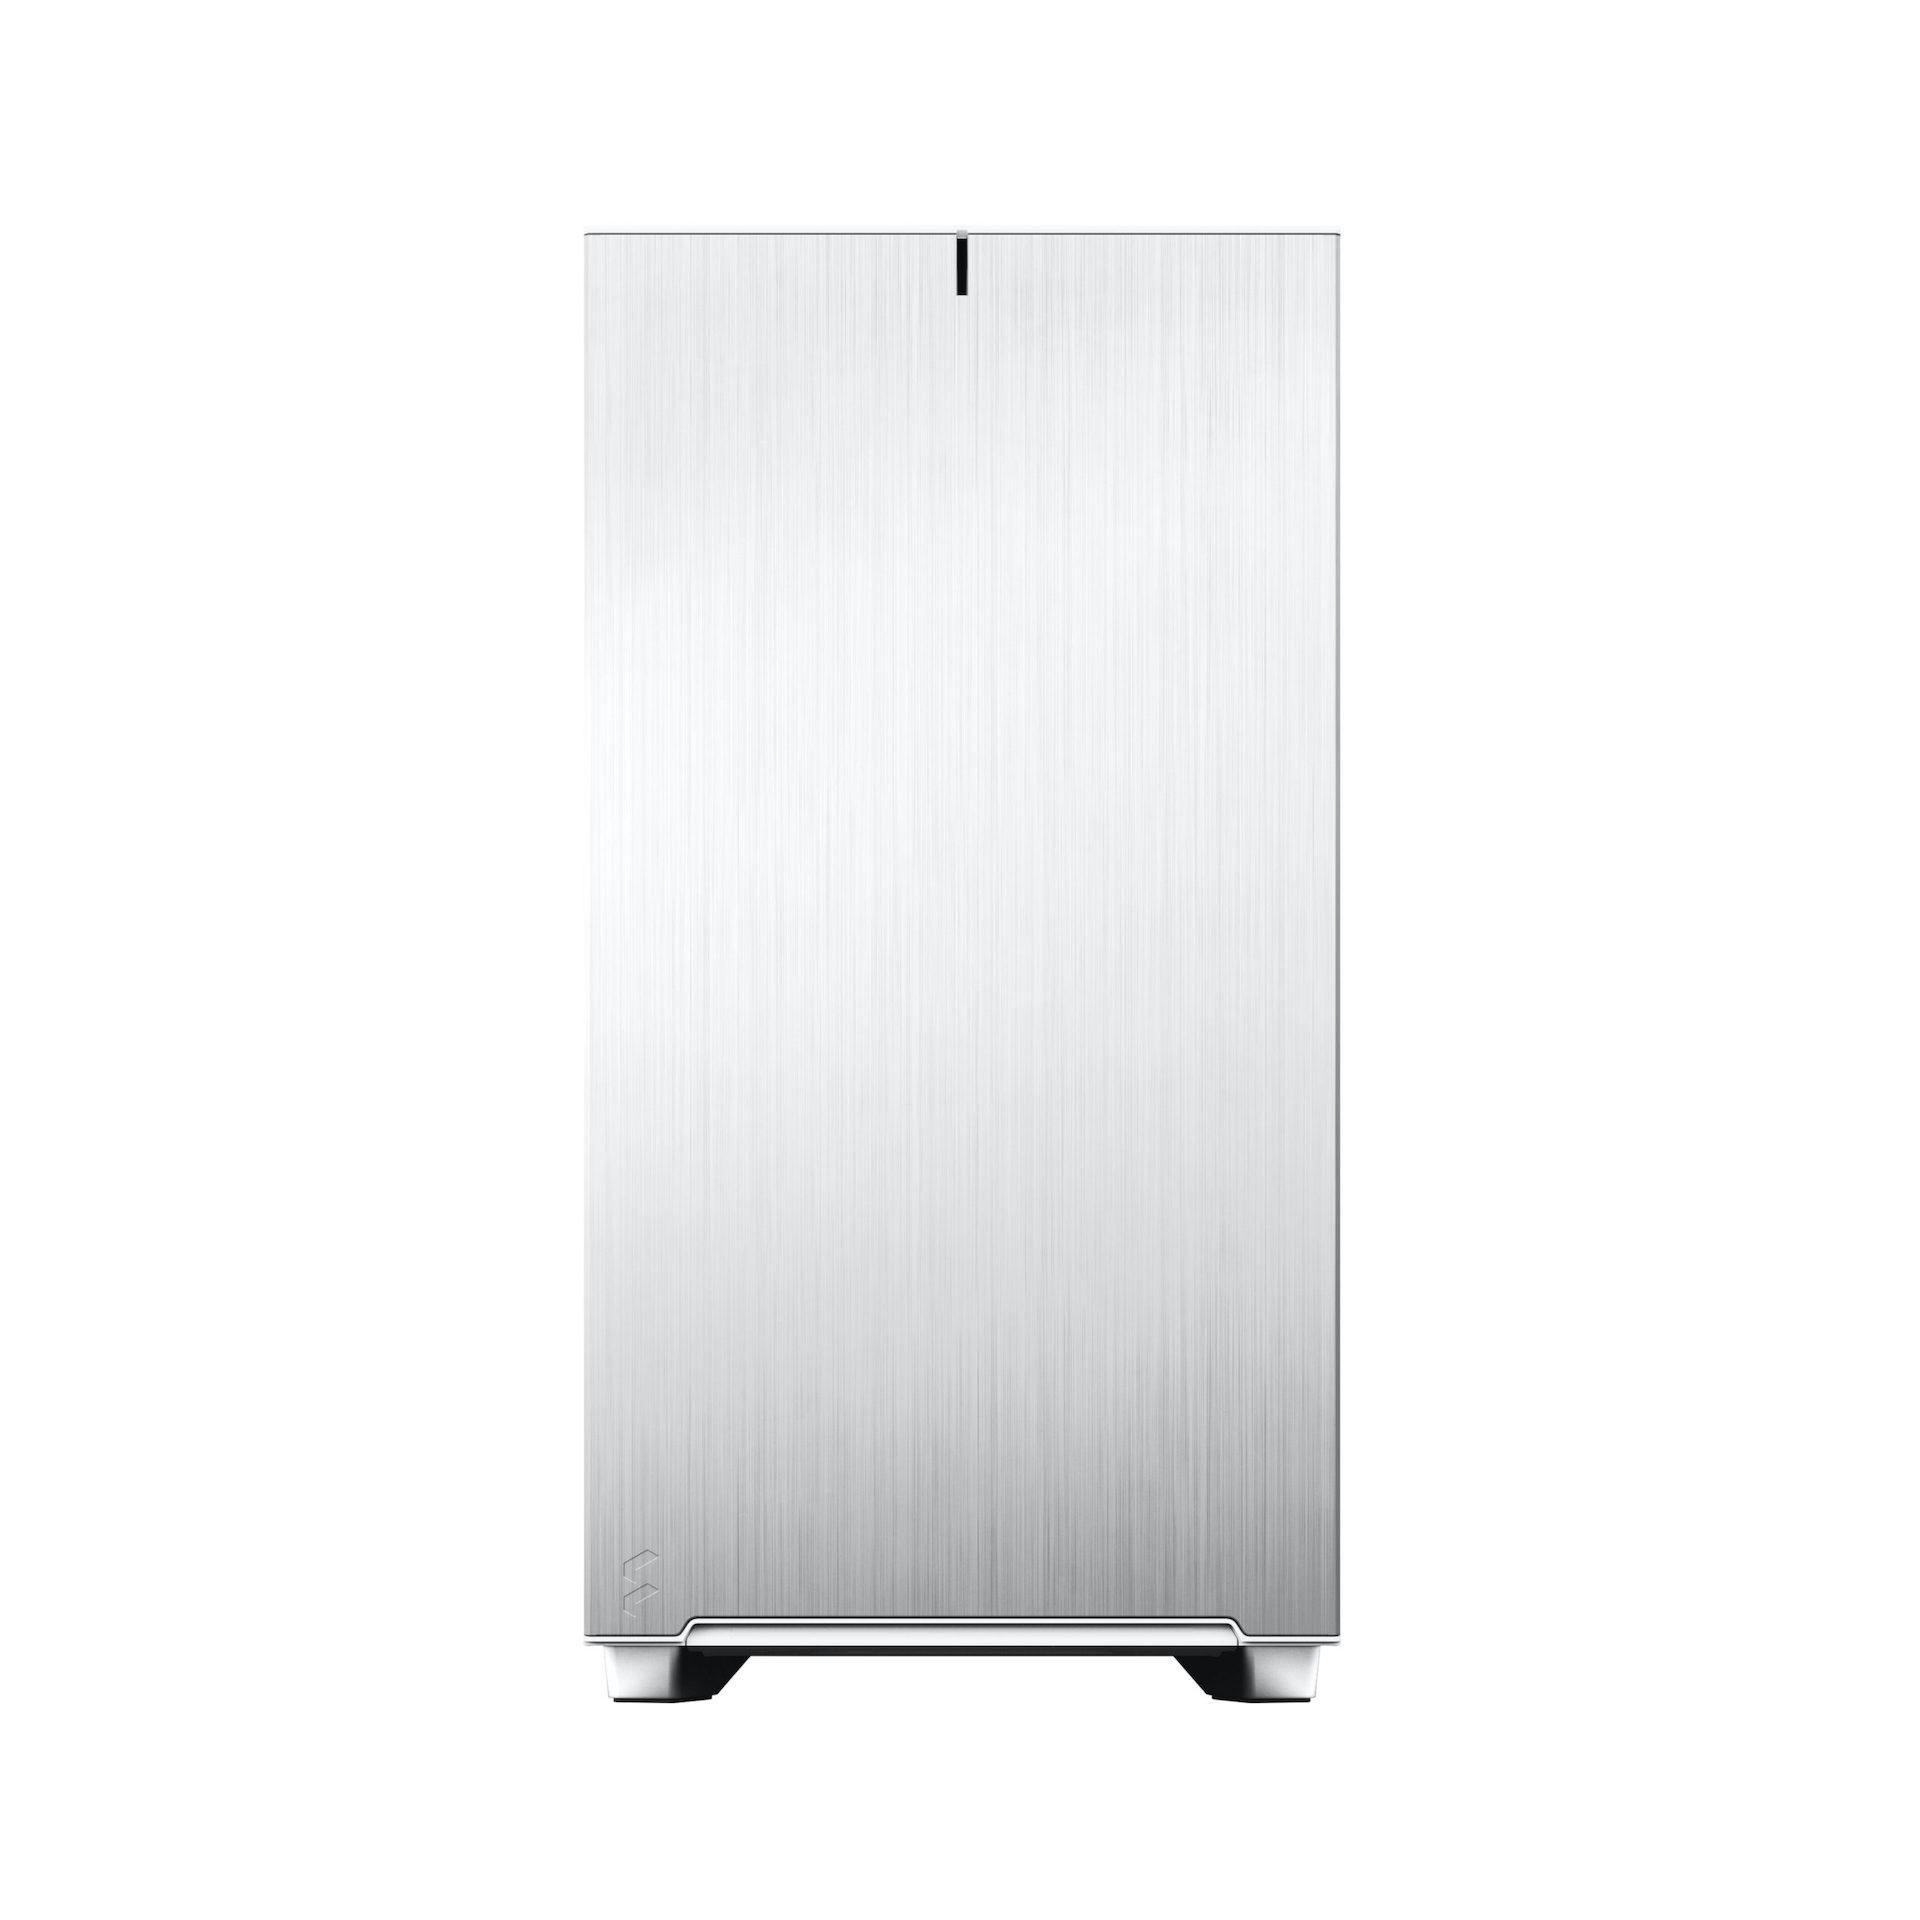 Fractal Design Define 7 White Solid